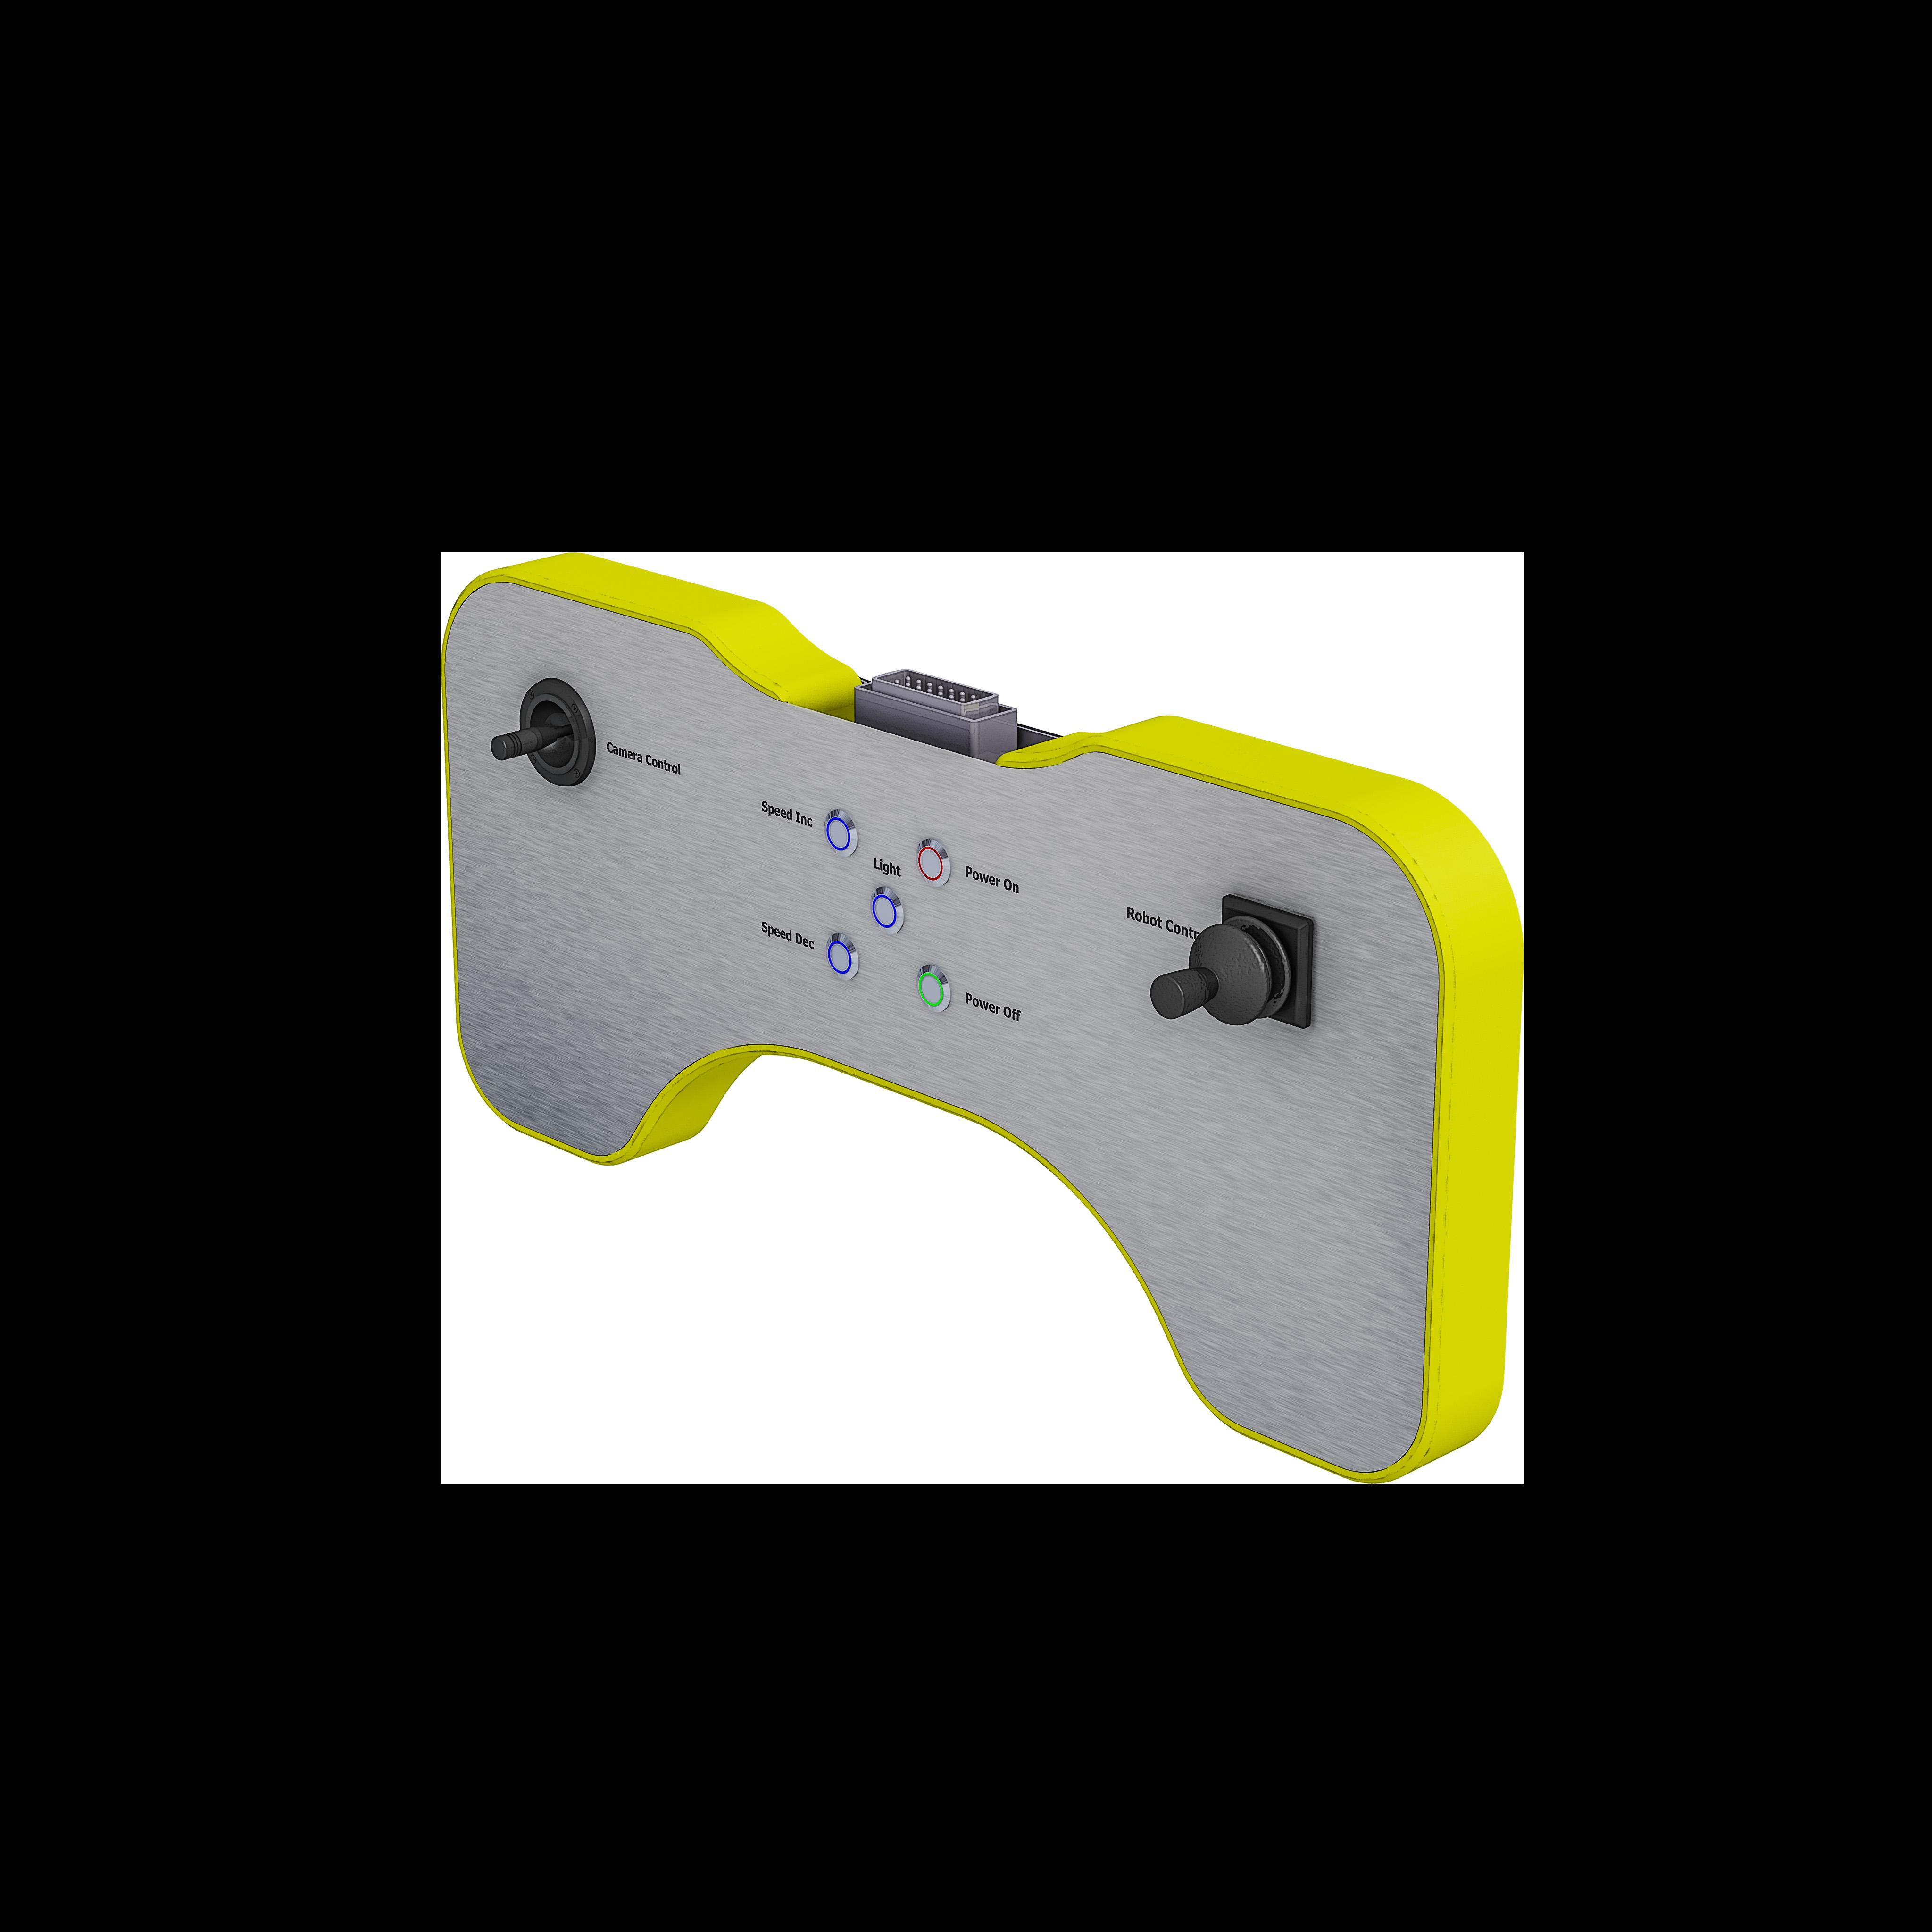 Remote a